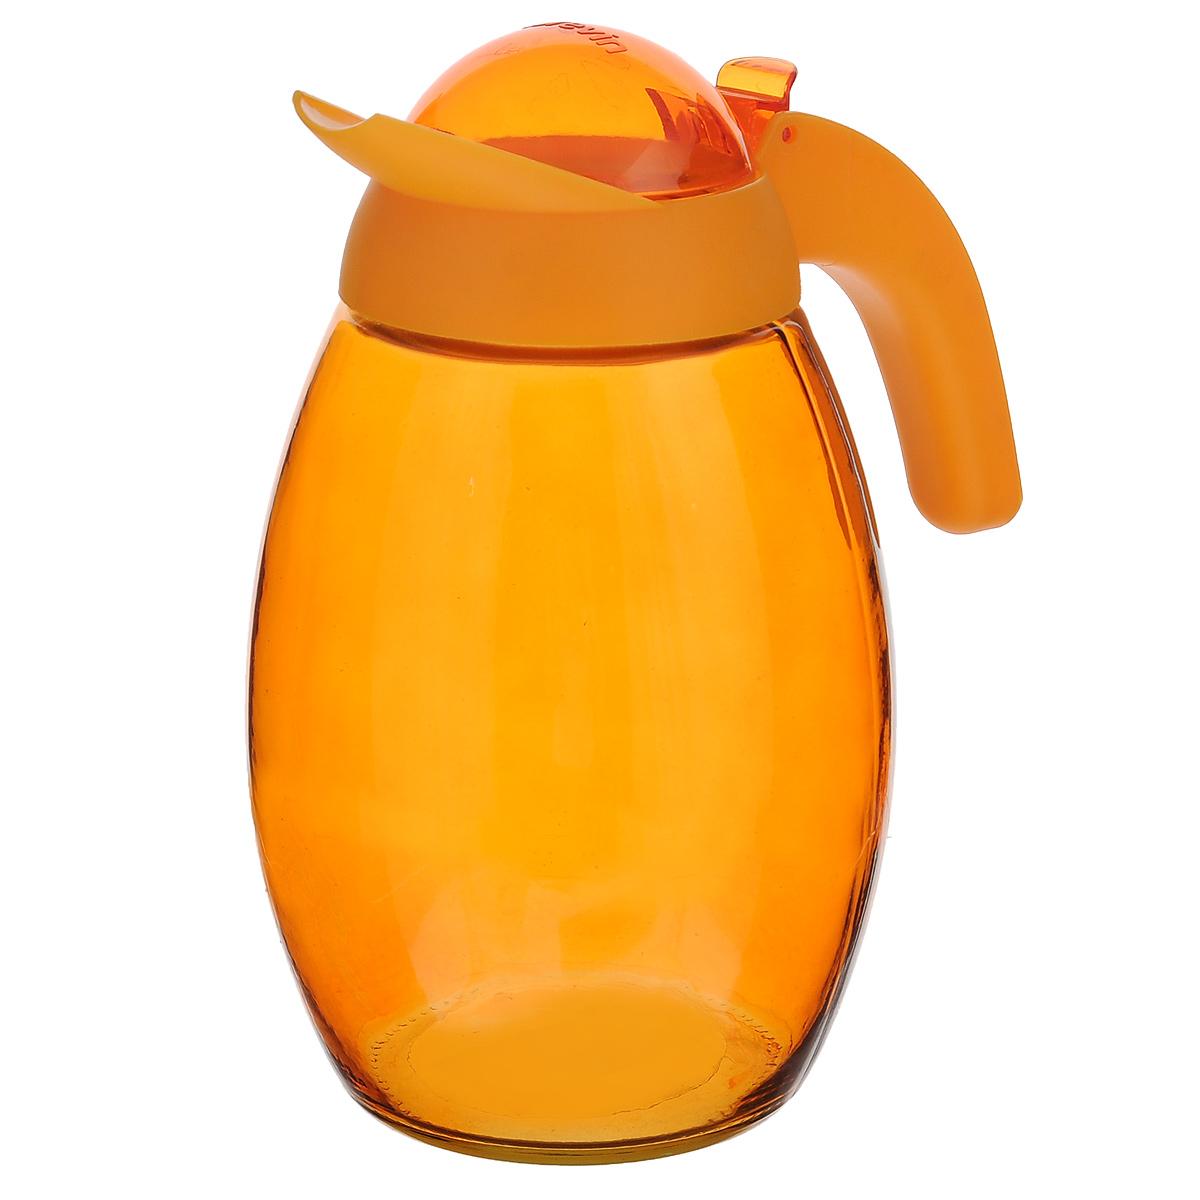 Кувшин Herevin с крышкой, цвет: оранжевый, 1,6 л. 111311111311-000Кувшин Herevin, выполненный из высококачественного прочного стекла, элегантно украсит ваш стол. Кувшин оснащен удобной ручкой и завинчивающейся пластиковой крышкой. Благодаря этому внутри сохраняется герметичность, и напитки дольше остаются свежими. Кувшин прост в использовании, достаточно просто наклонить его и налить ваш любимый напиток. Цветная крышка оснащена откидным механизмом для более удобного заливания жидкостей. Изделие прекрасно подойдет для подачи воды, сока, компота и других напитков. Кувшин Herevin дополнит интерьер вашей кухни и станет замечательным подарком к любому празднику.Диаметр (по верхнему краю): 6 см.Высота кувшина (без учета крышки): 18,5 см.